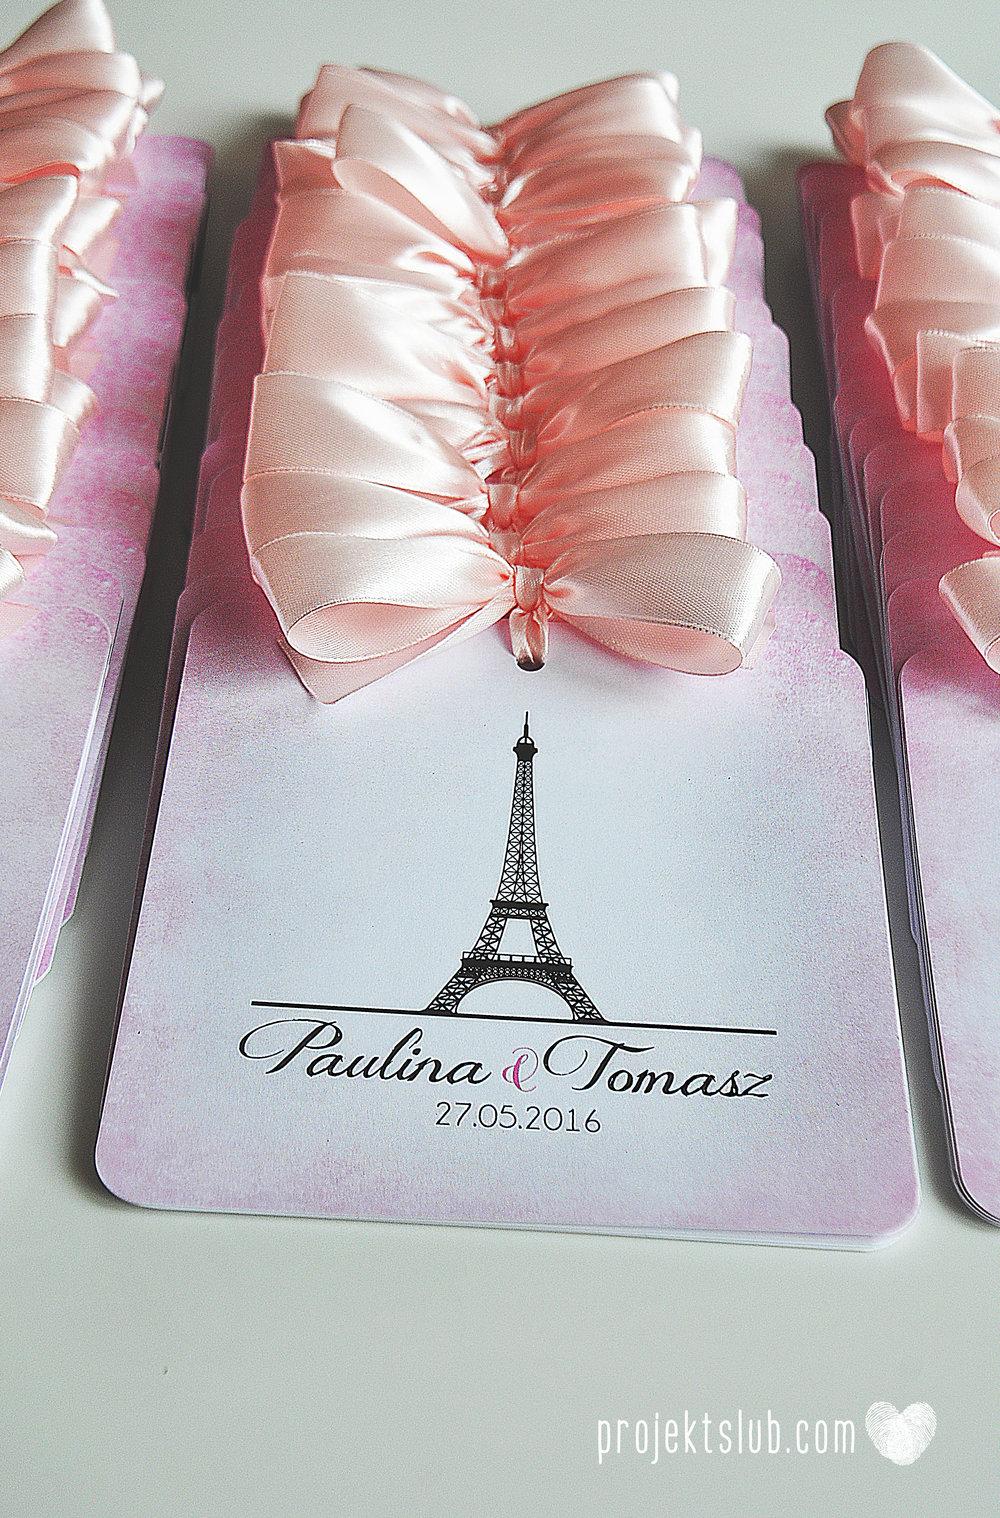 zaproszenia ślubne z kokardą eleganckie oryginalne nowoczesne rysunkowe pastelowe pudrowy róż wieża eiffel zakochani w paryżu zdjęcia  projekt ślub (8).jpg